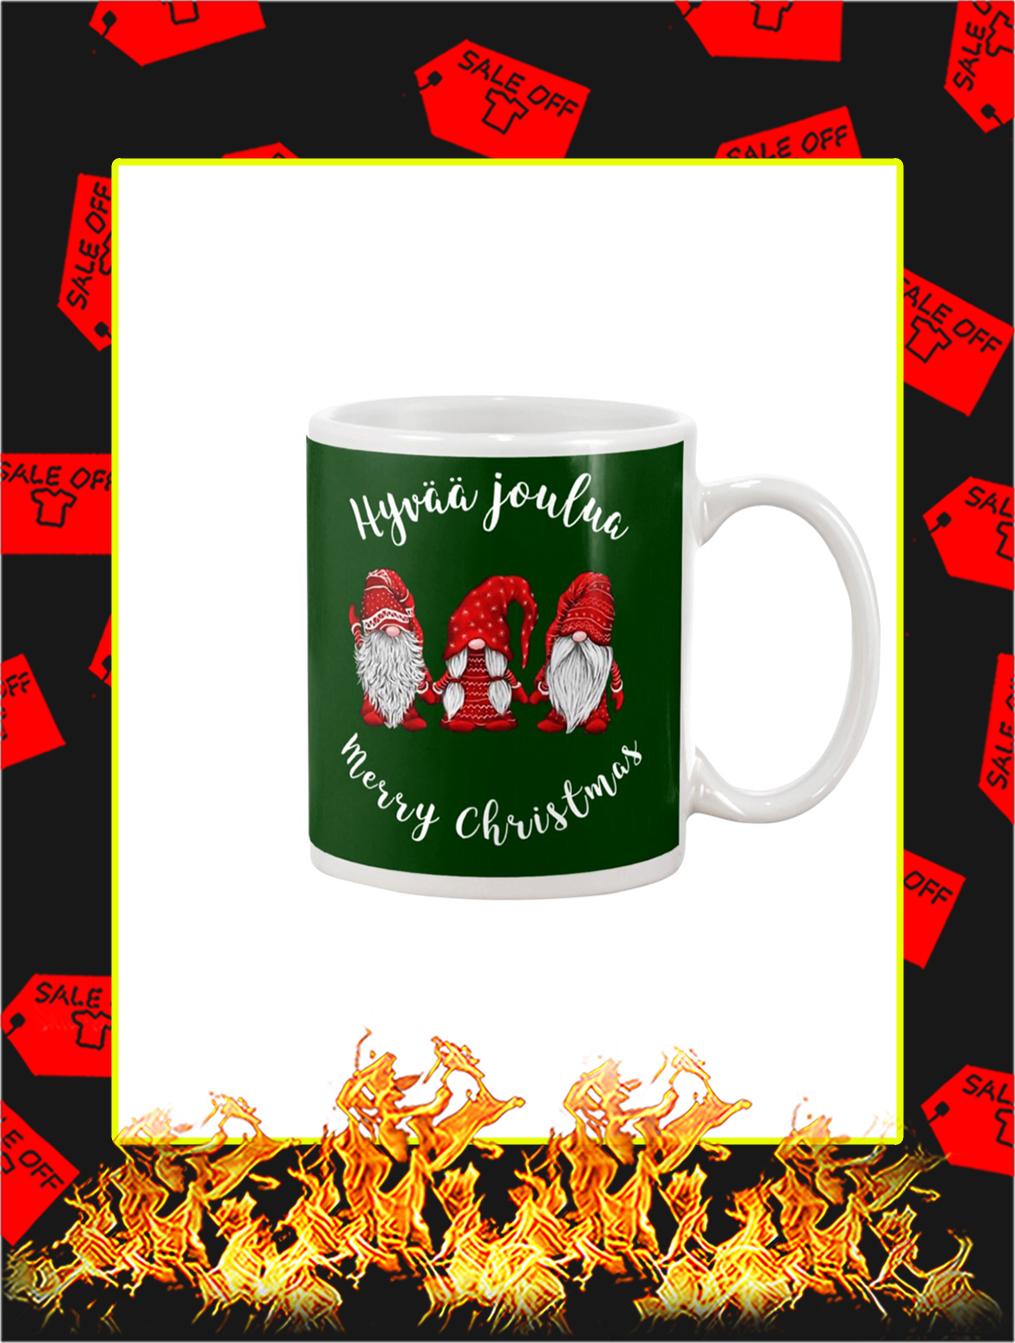 Gnomies Hyvaa Joulua Merry Christmas Mug- green